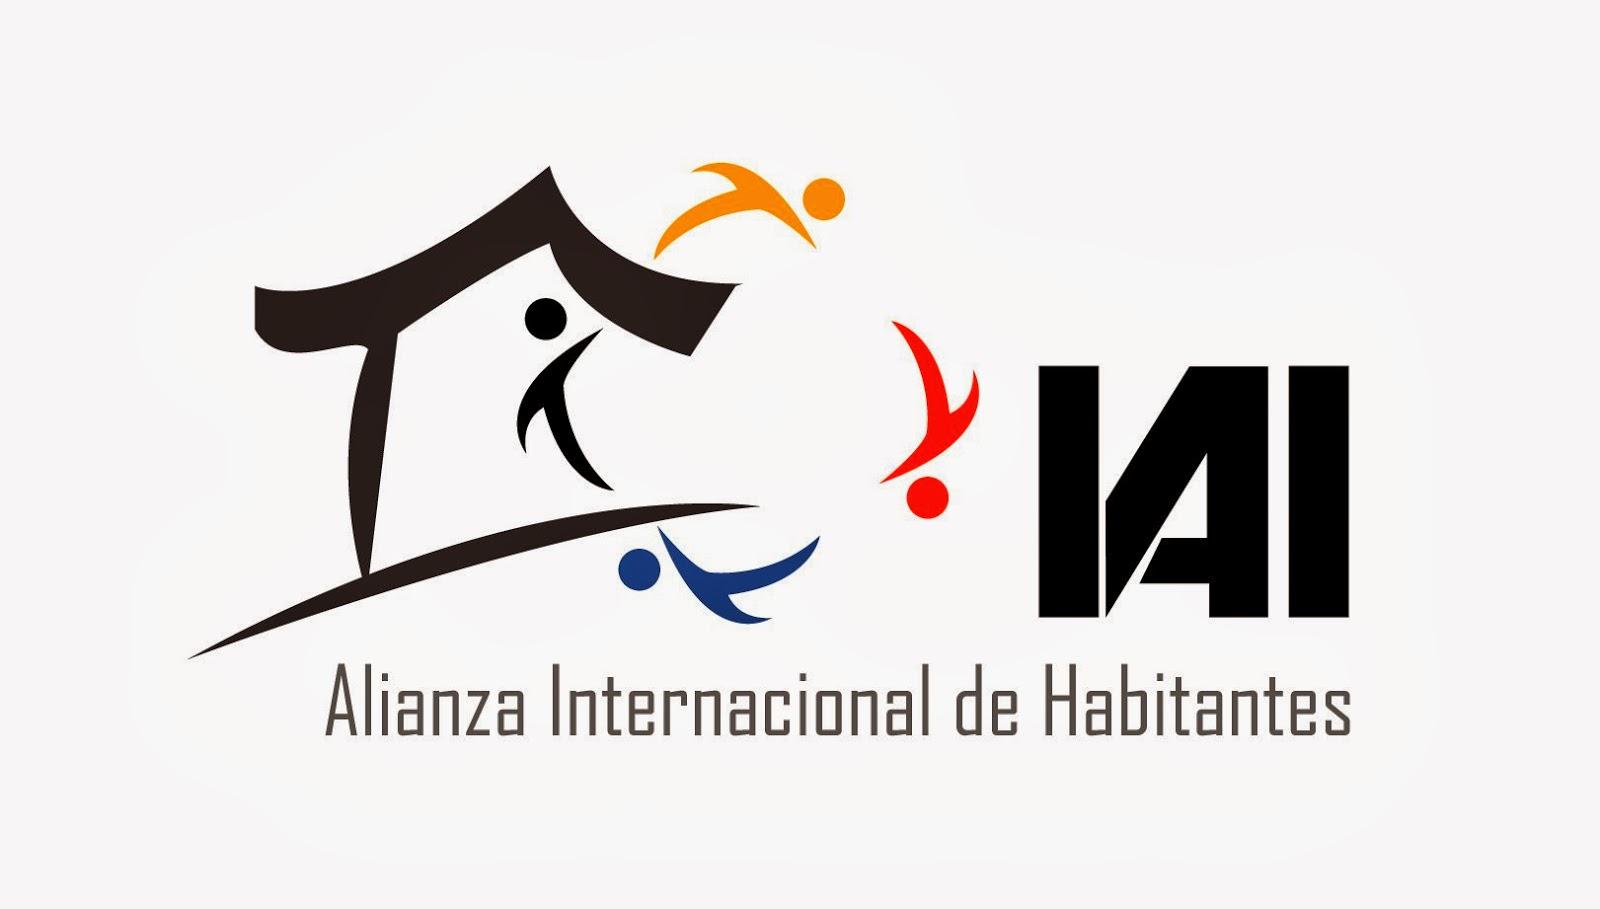 MOSTRAR ALIANZA INTERNACIONAL DE HABITANTES